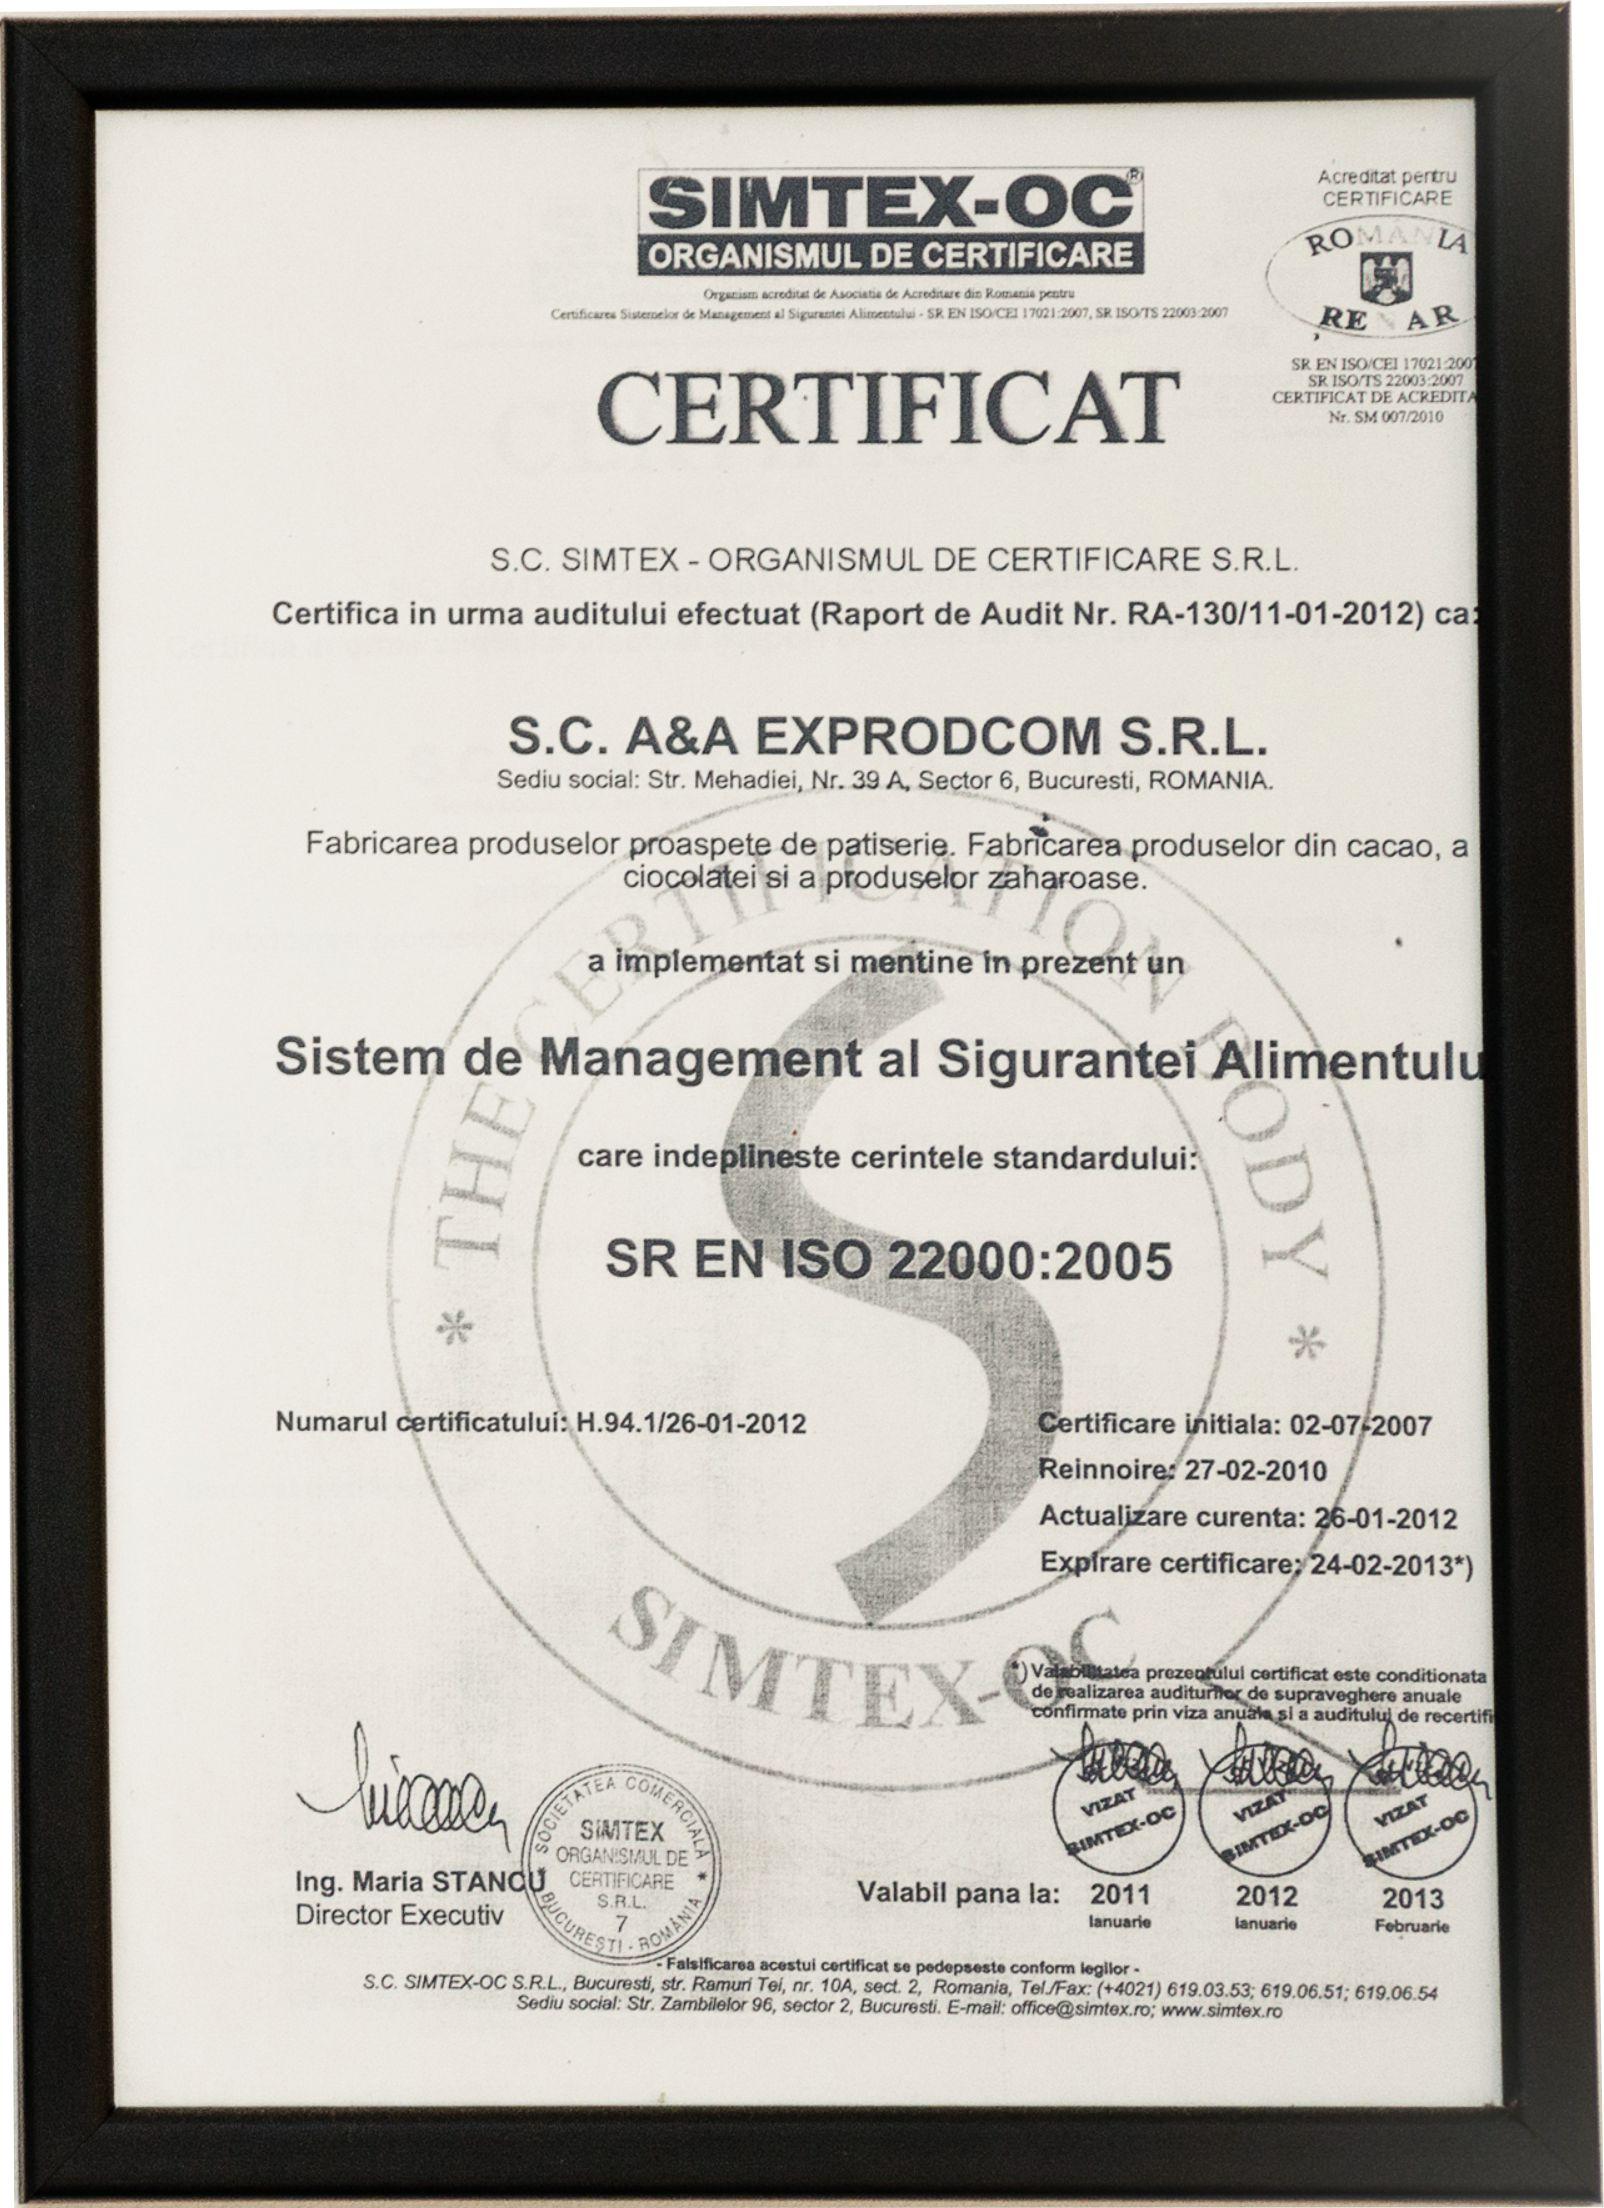 SR EN 220002005